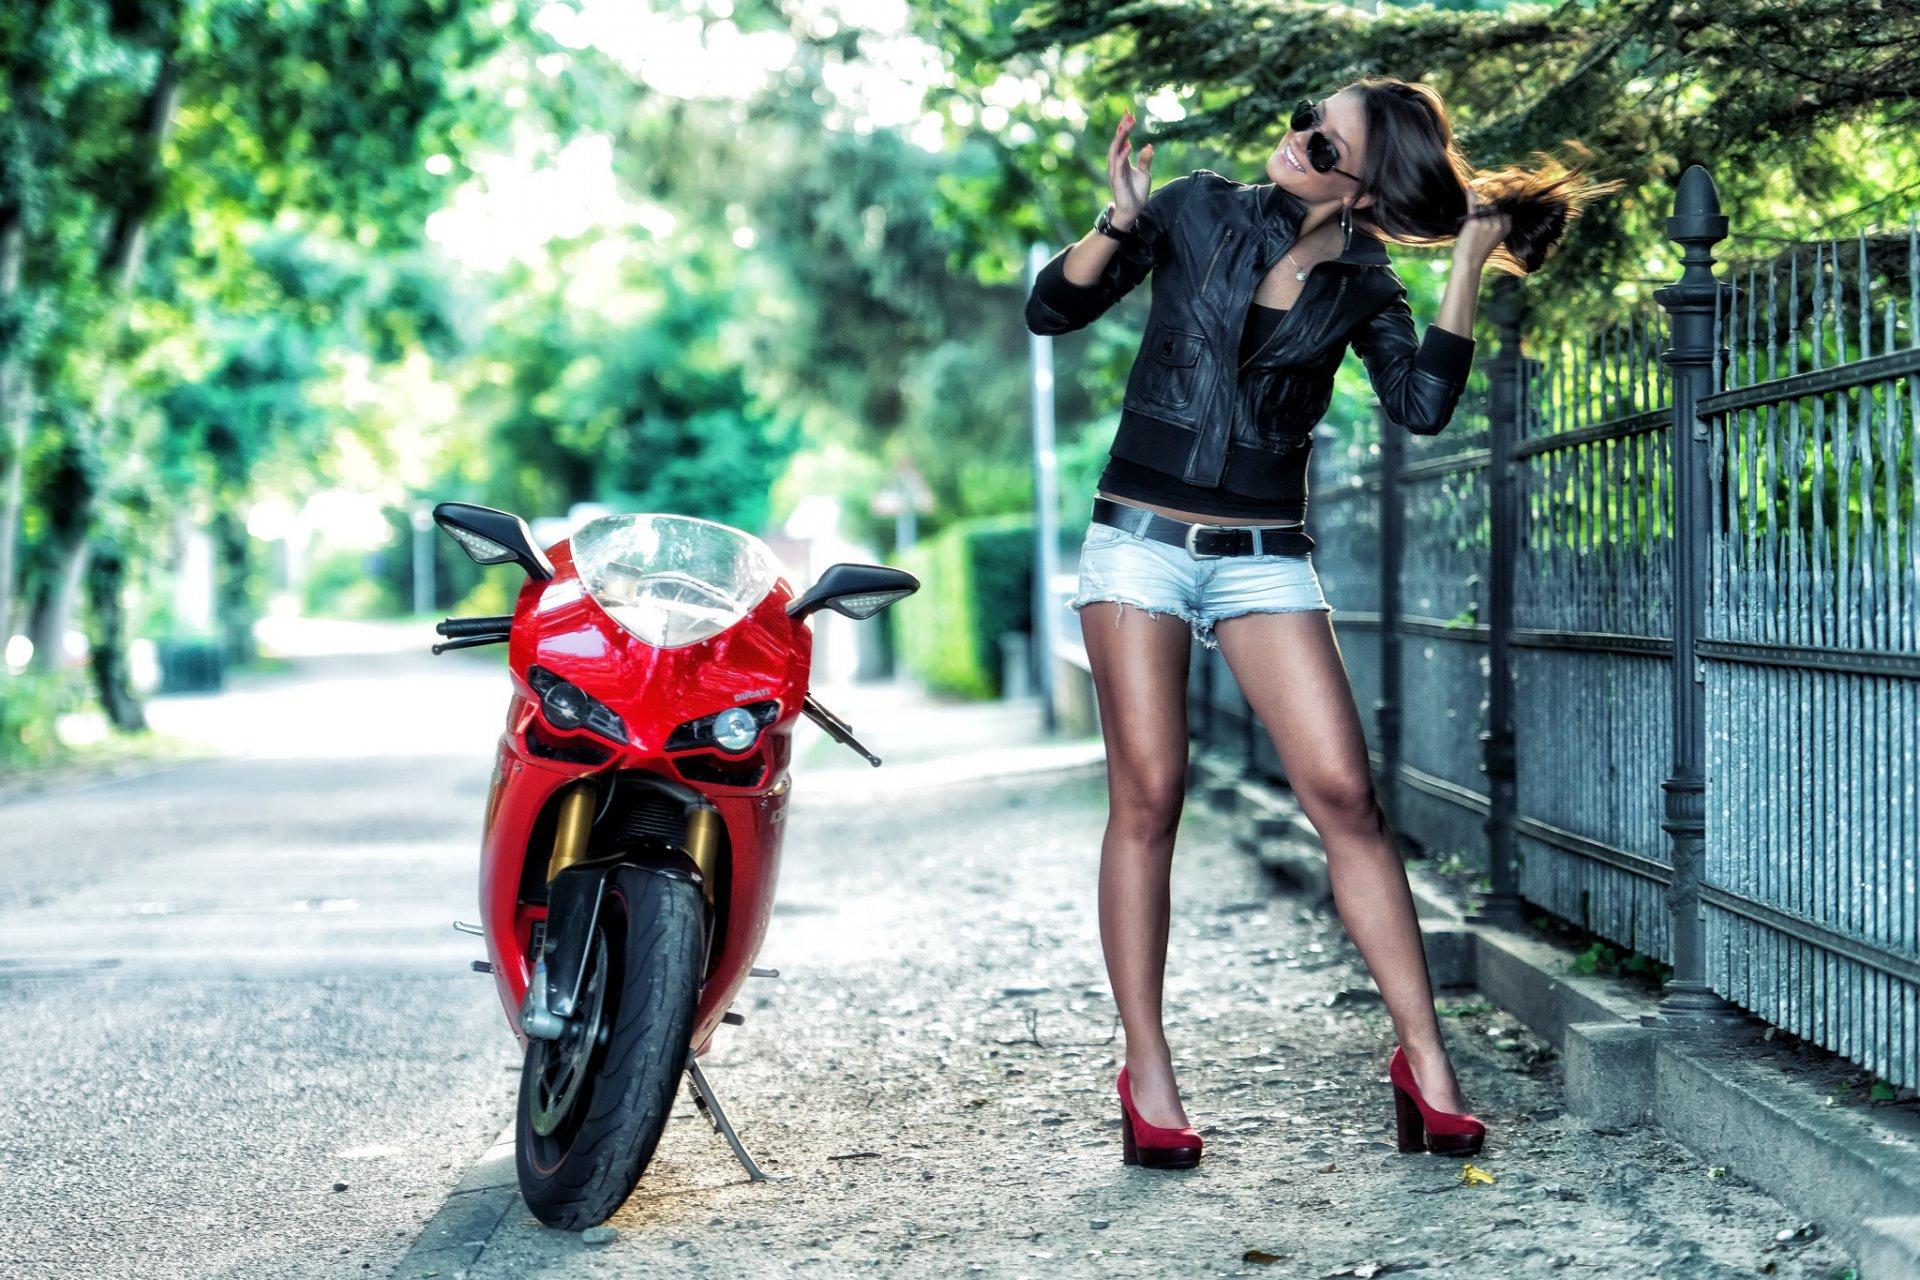 Девушка в красной кожаной юбки мотоцикл порно фото